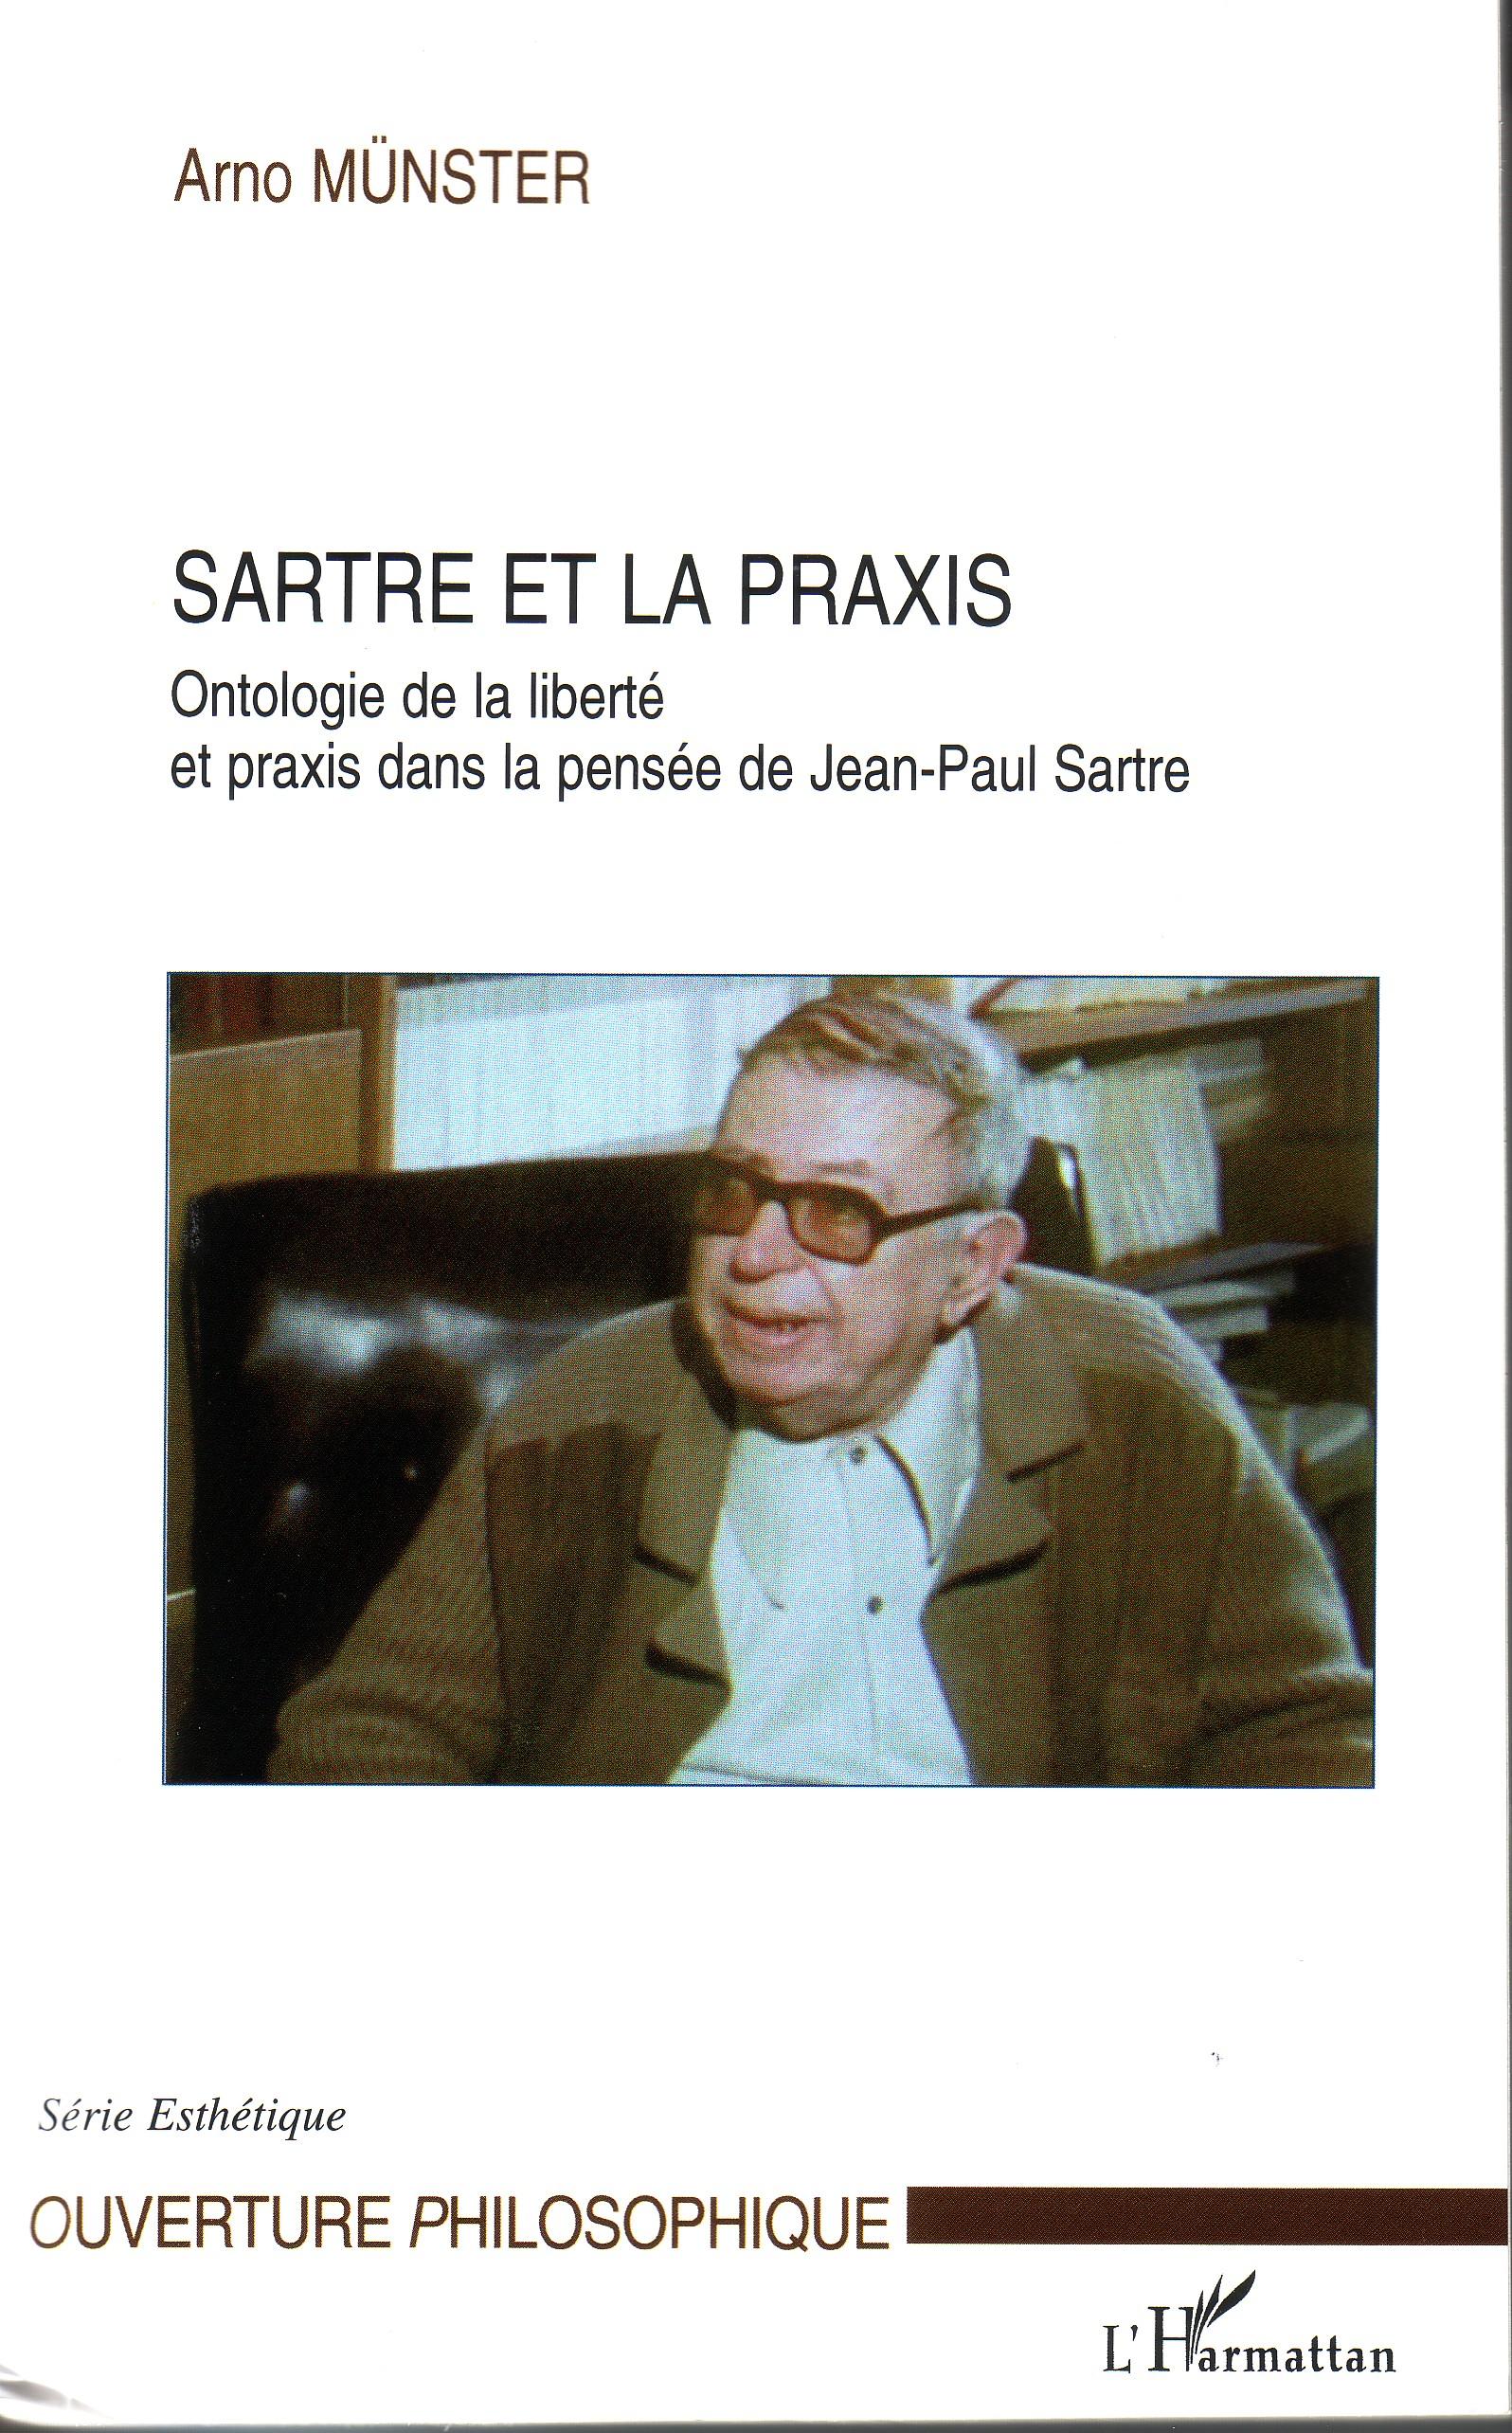 Sartre et la praxis